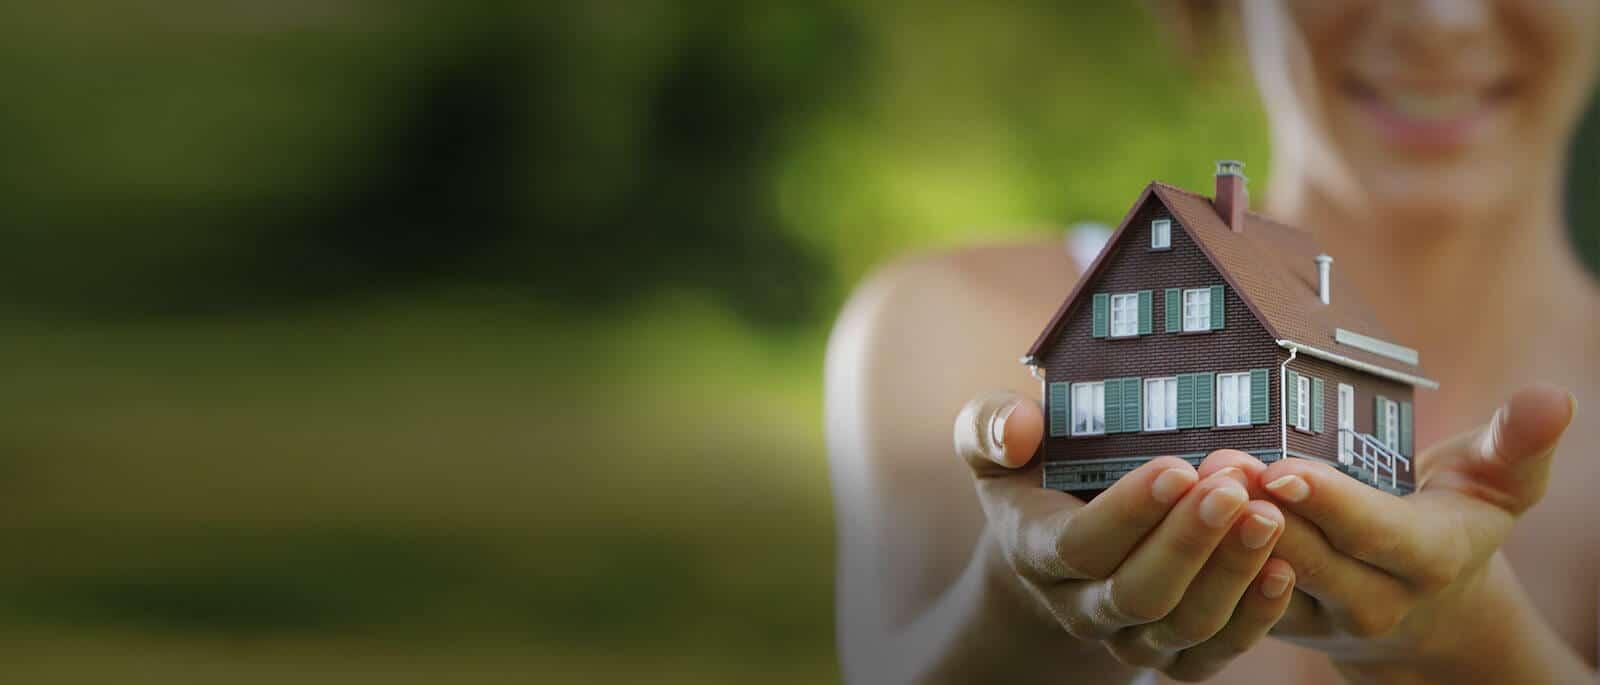 房屋二胎,土地二胎,房屋土地貸款,銀行代辦